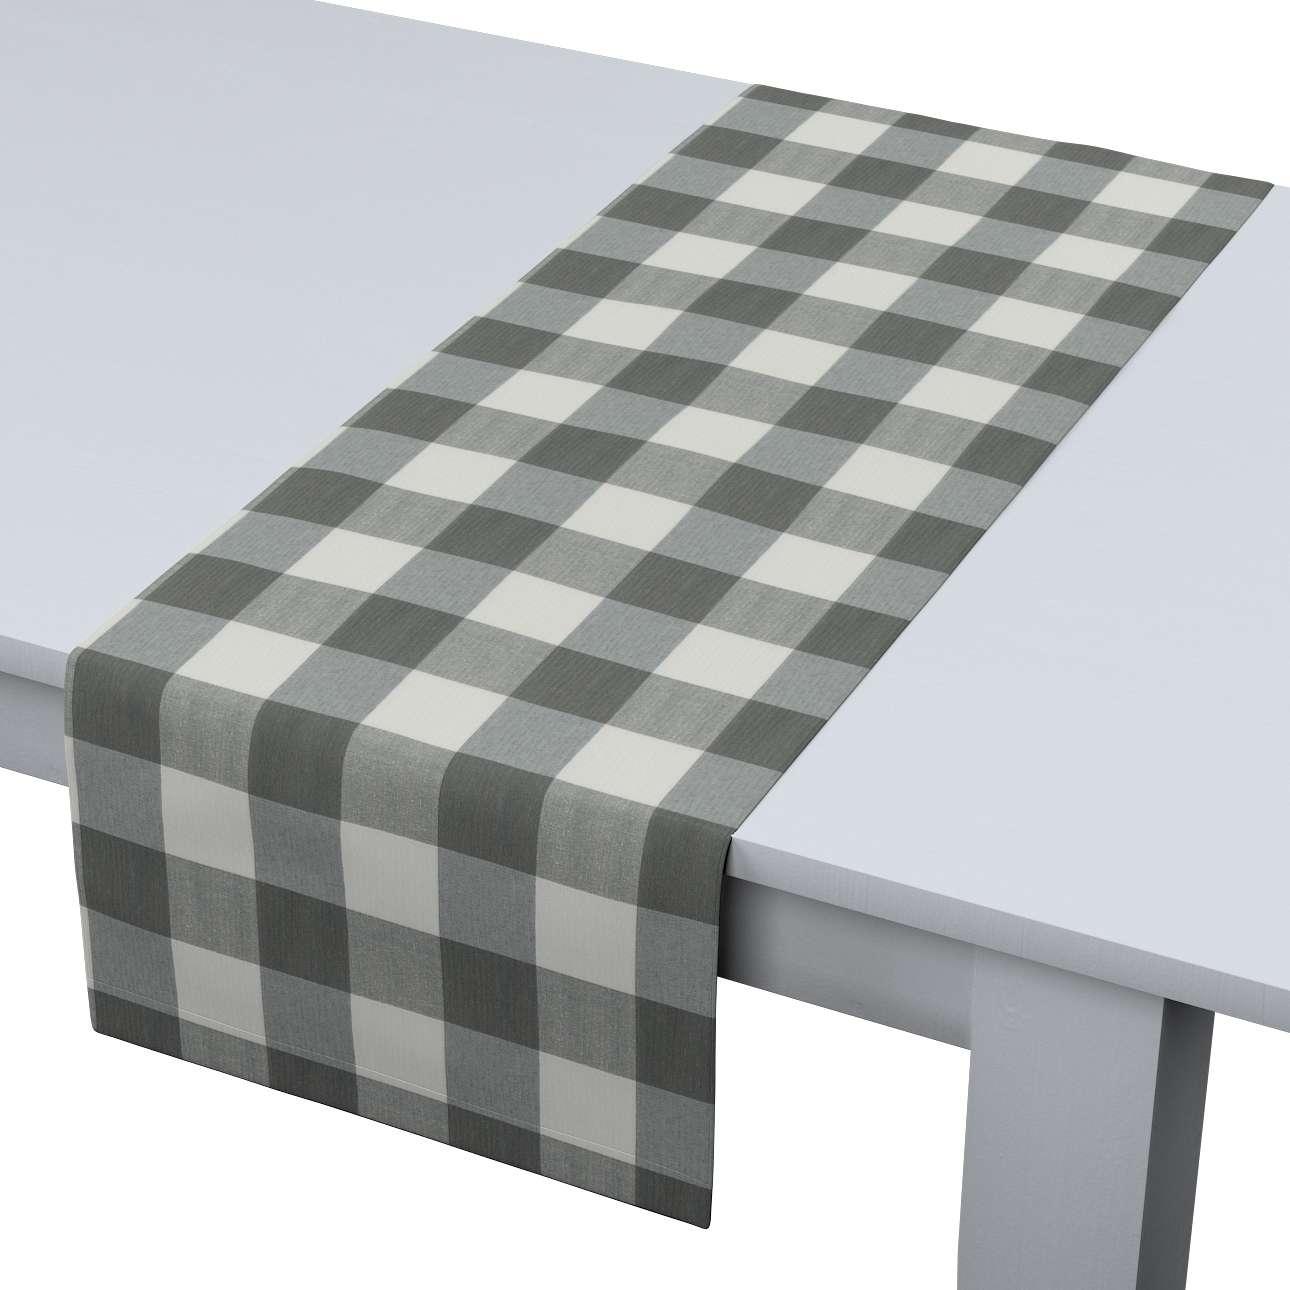 Štóla na stôl 40 x 130 cm V kolekcii Quadro, tkanina: 136-13